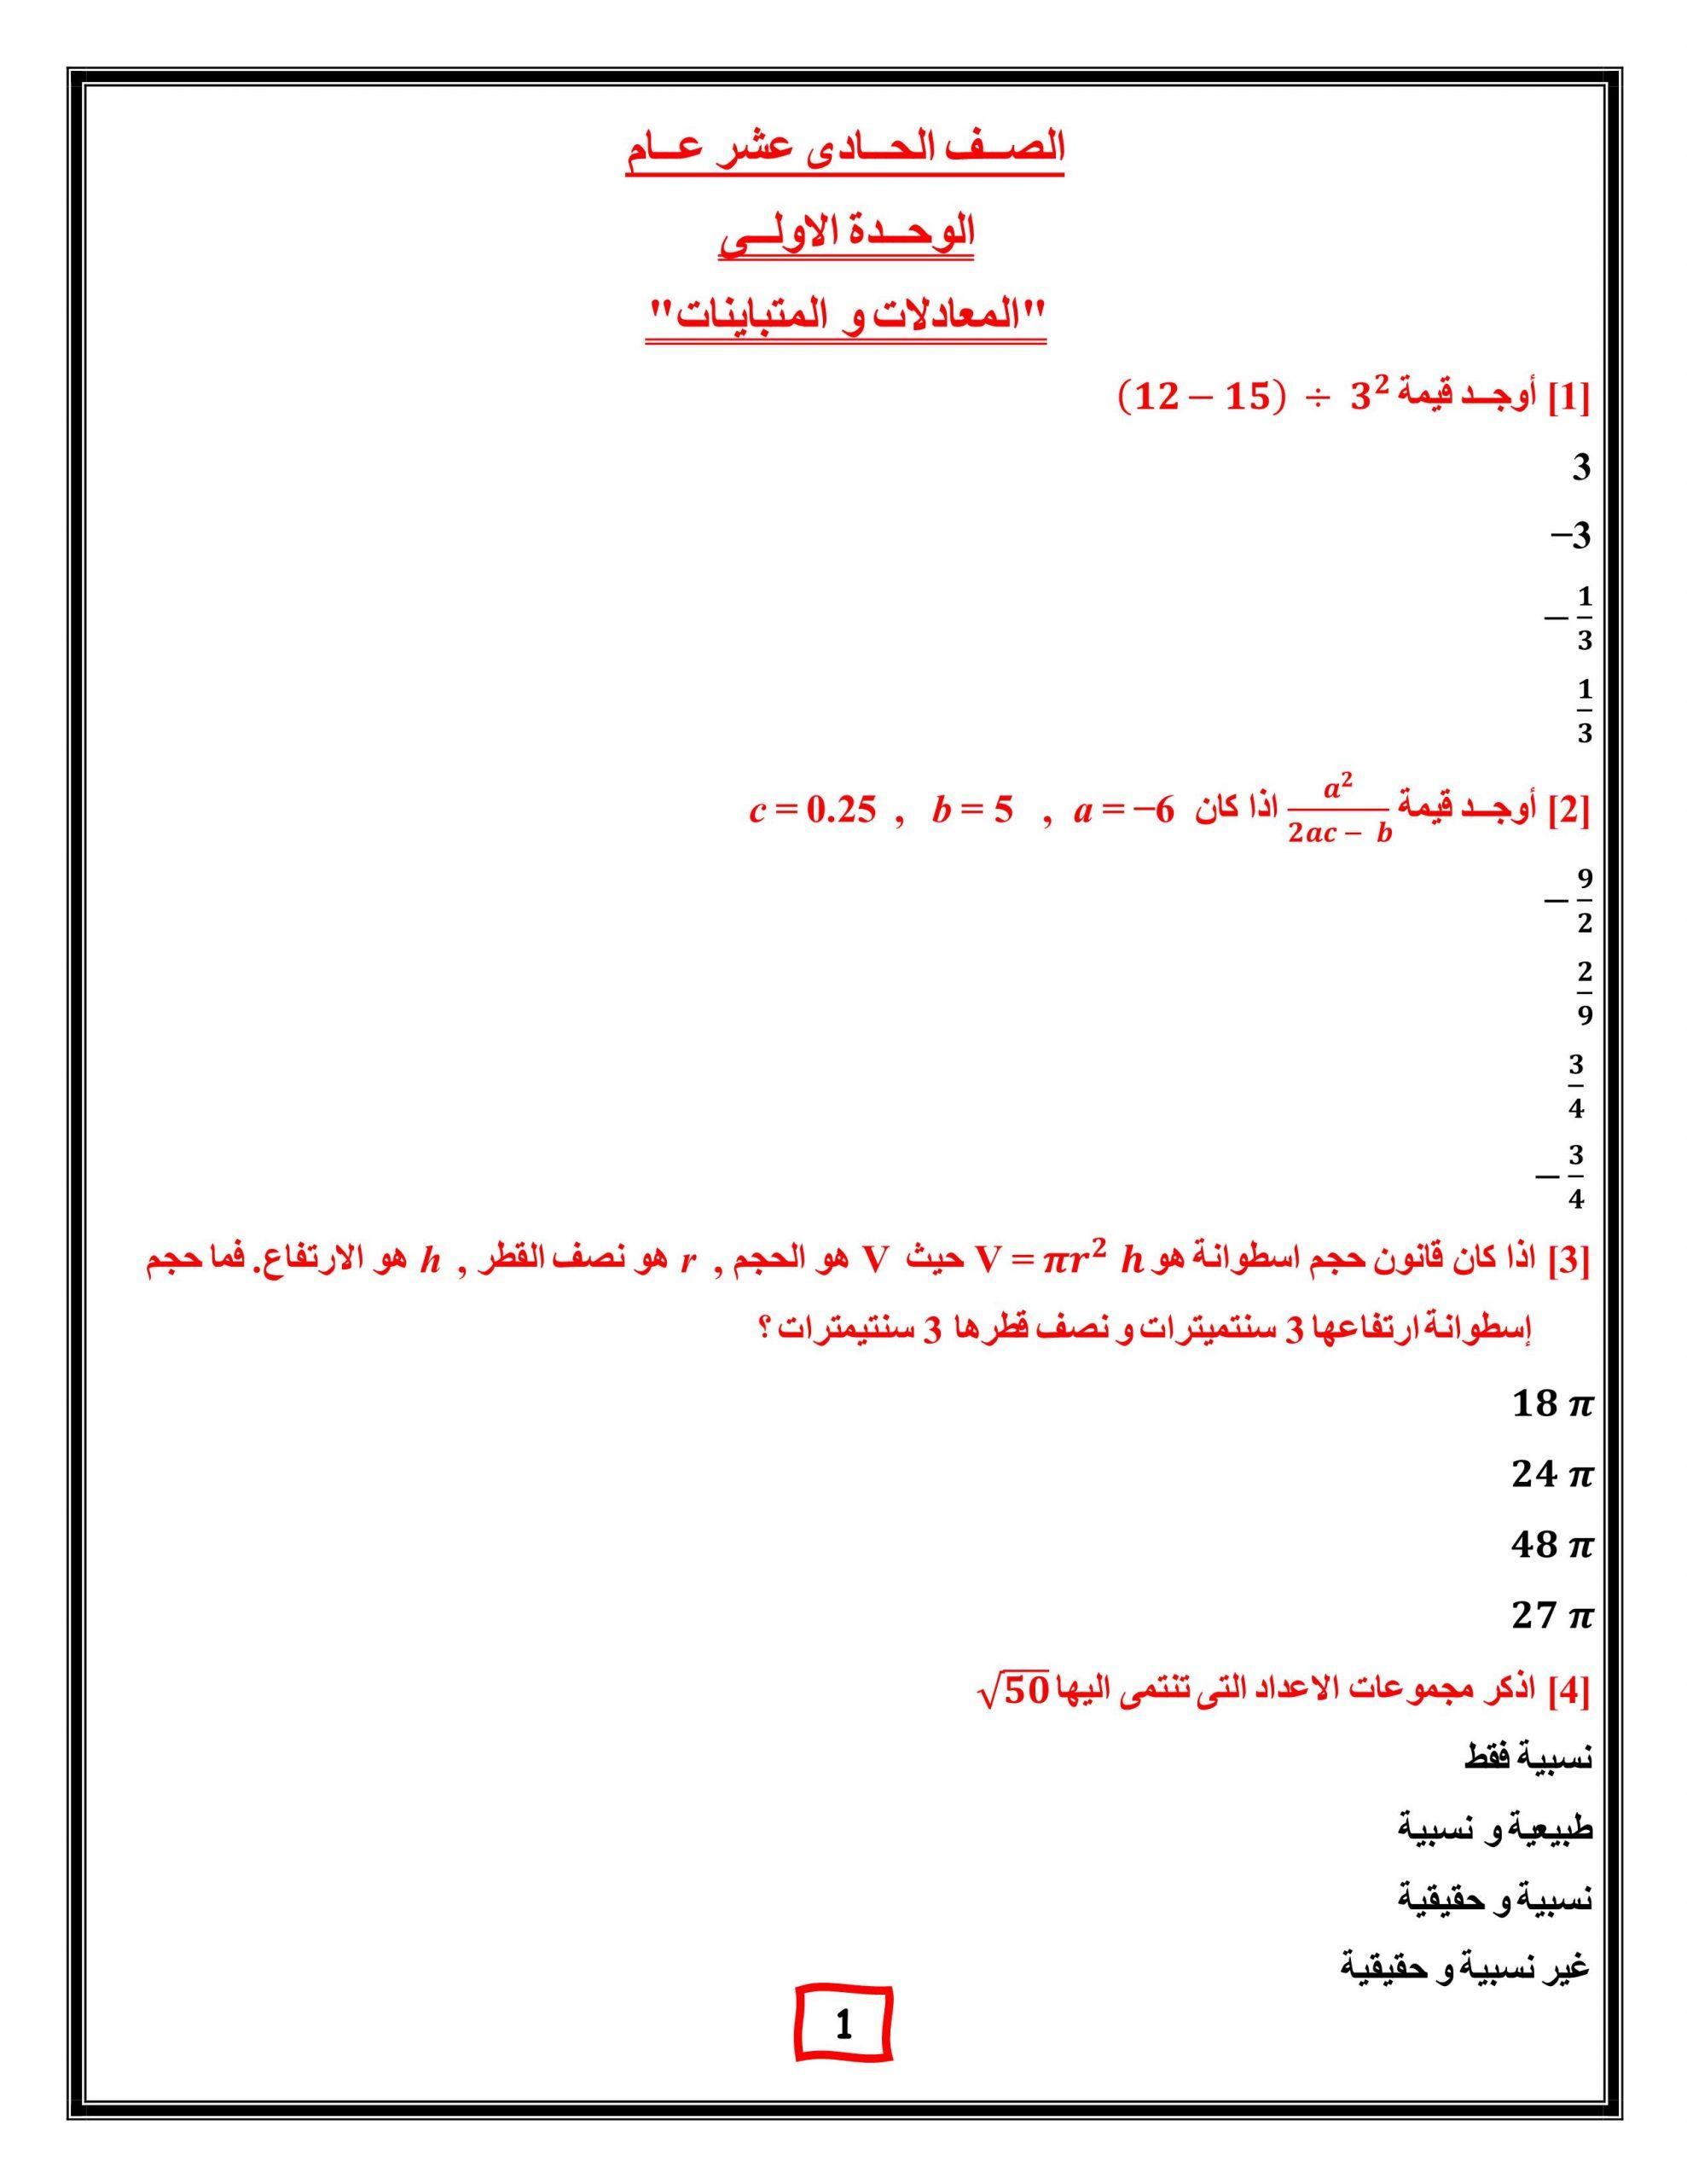 اوراق عمل مراجعة نهائية الصف الحادي عشر عام مادة الرياضيات المتكاملة